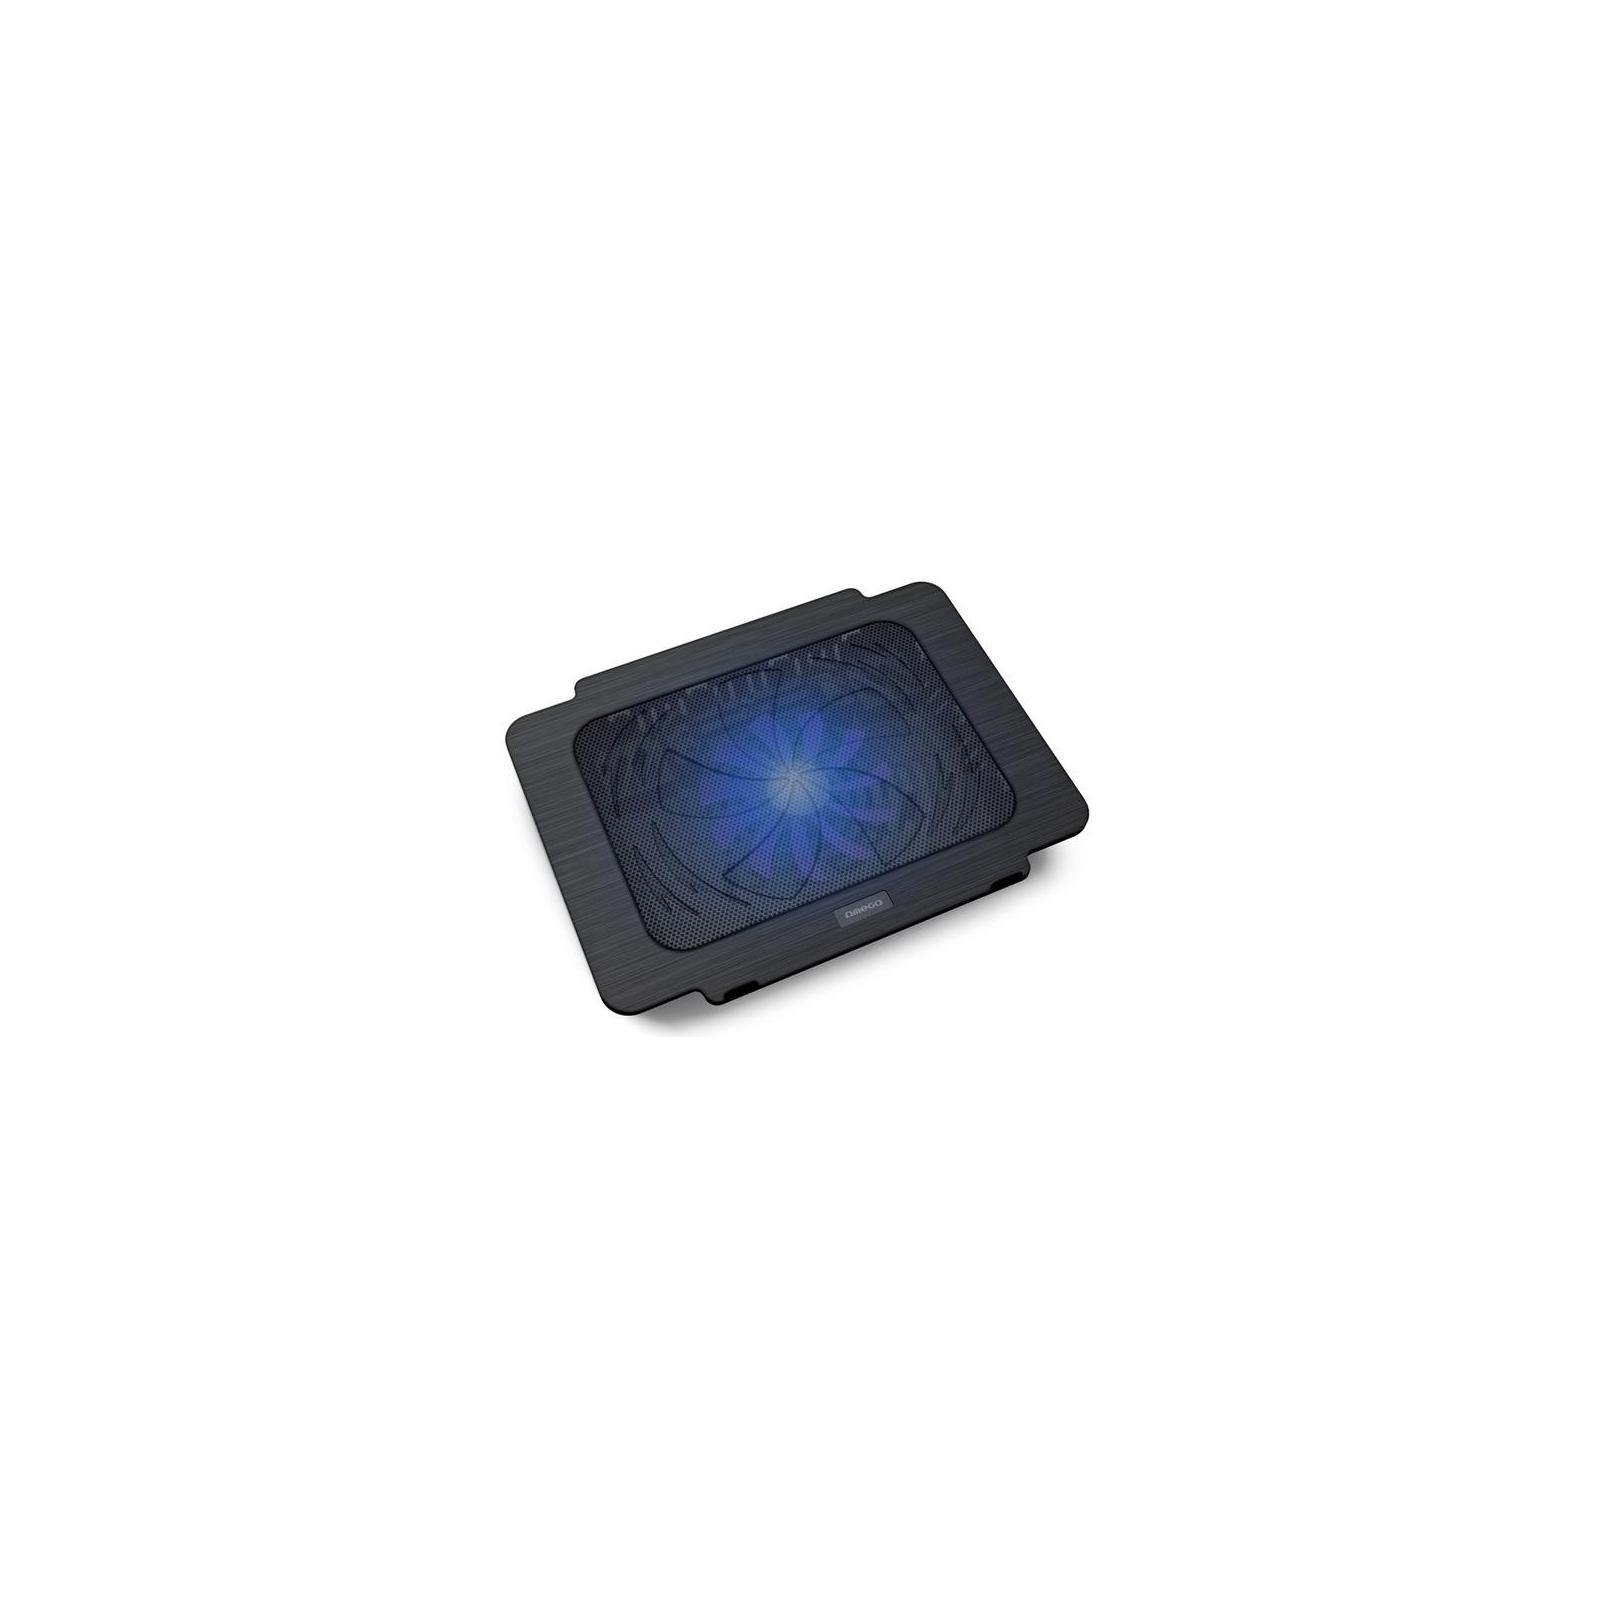 Подставка для ноутбука OMEGA Laptop Cooler pad BREEZE black fan USB (OMNCPK16)